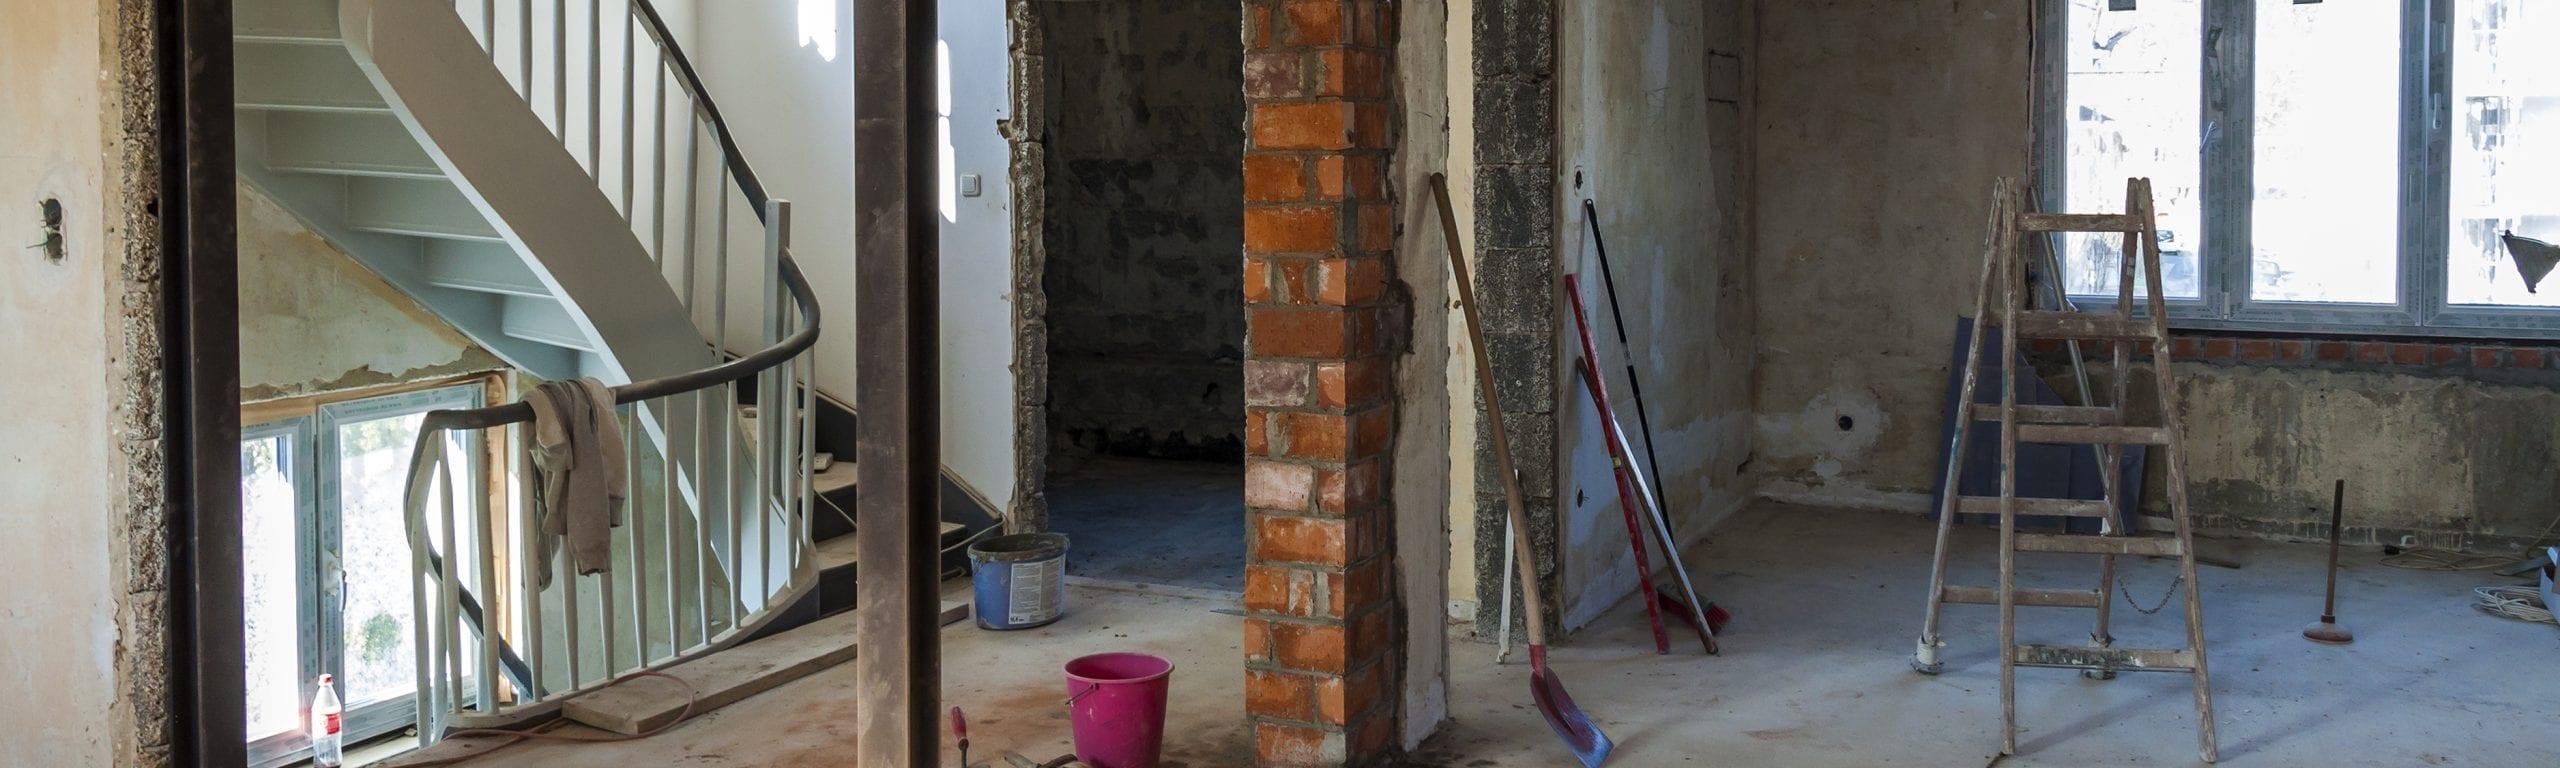 Sanierungsbedürftiges Haus.